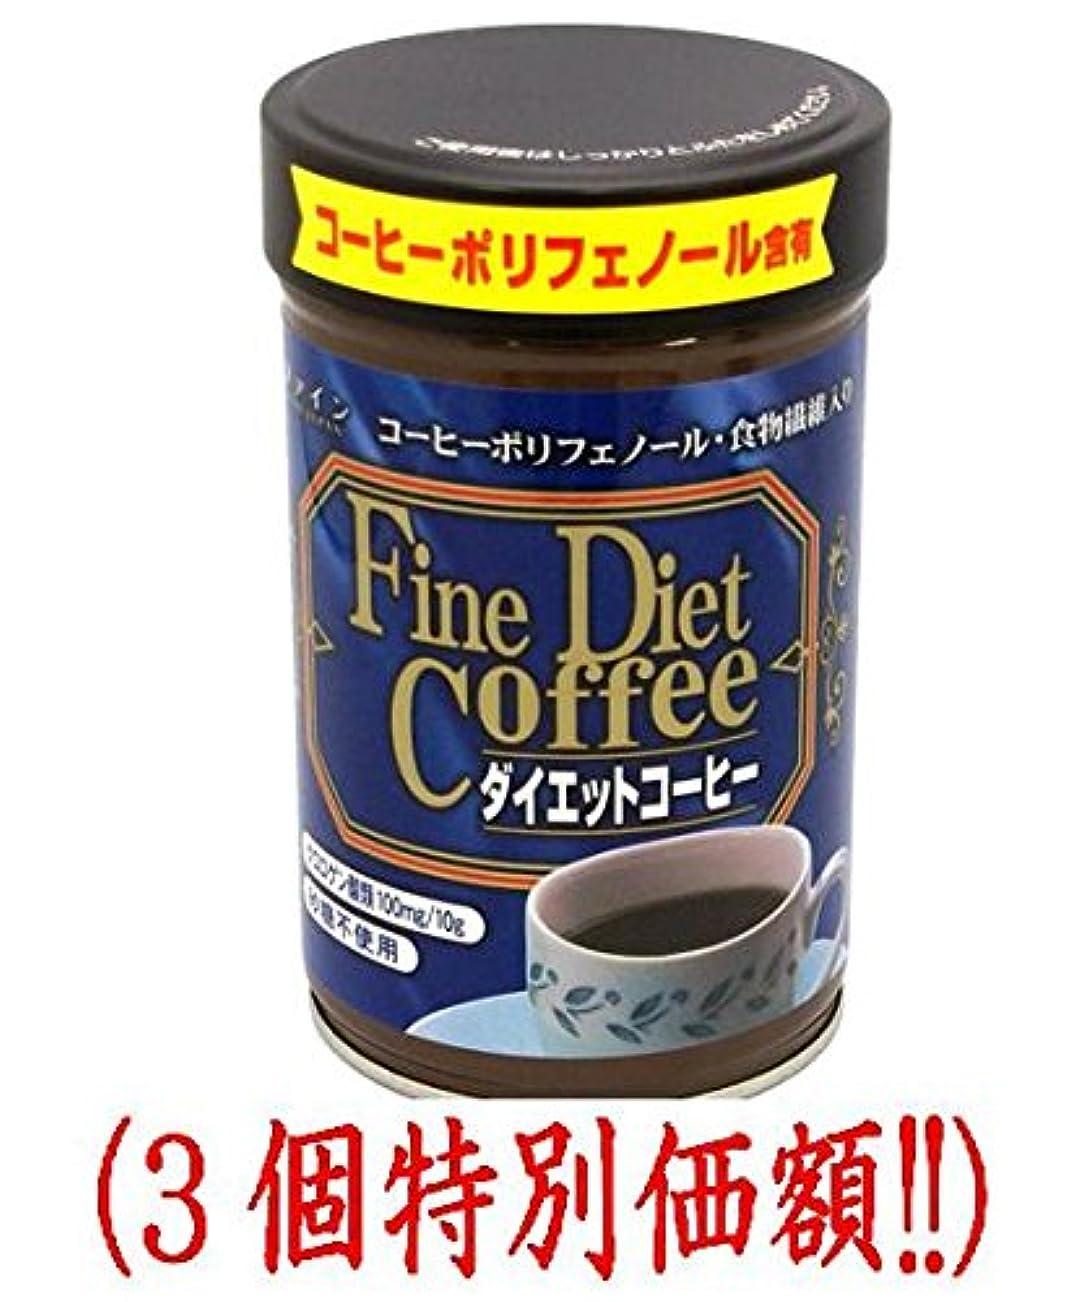 ファイン ダイエットコーヒー【3本セット】